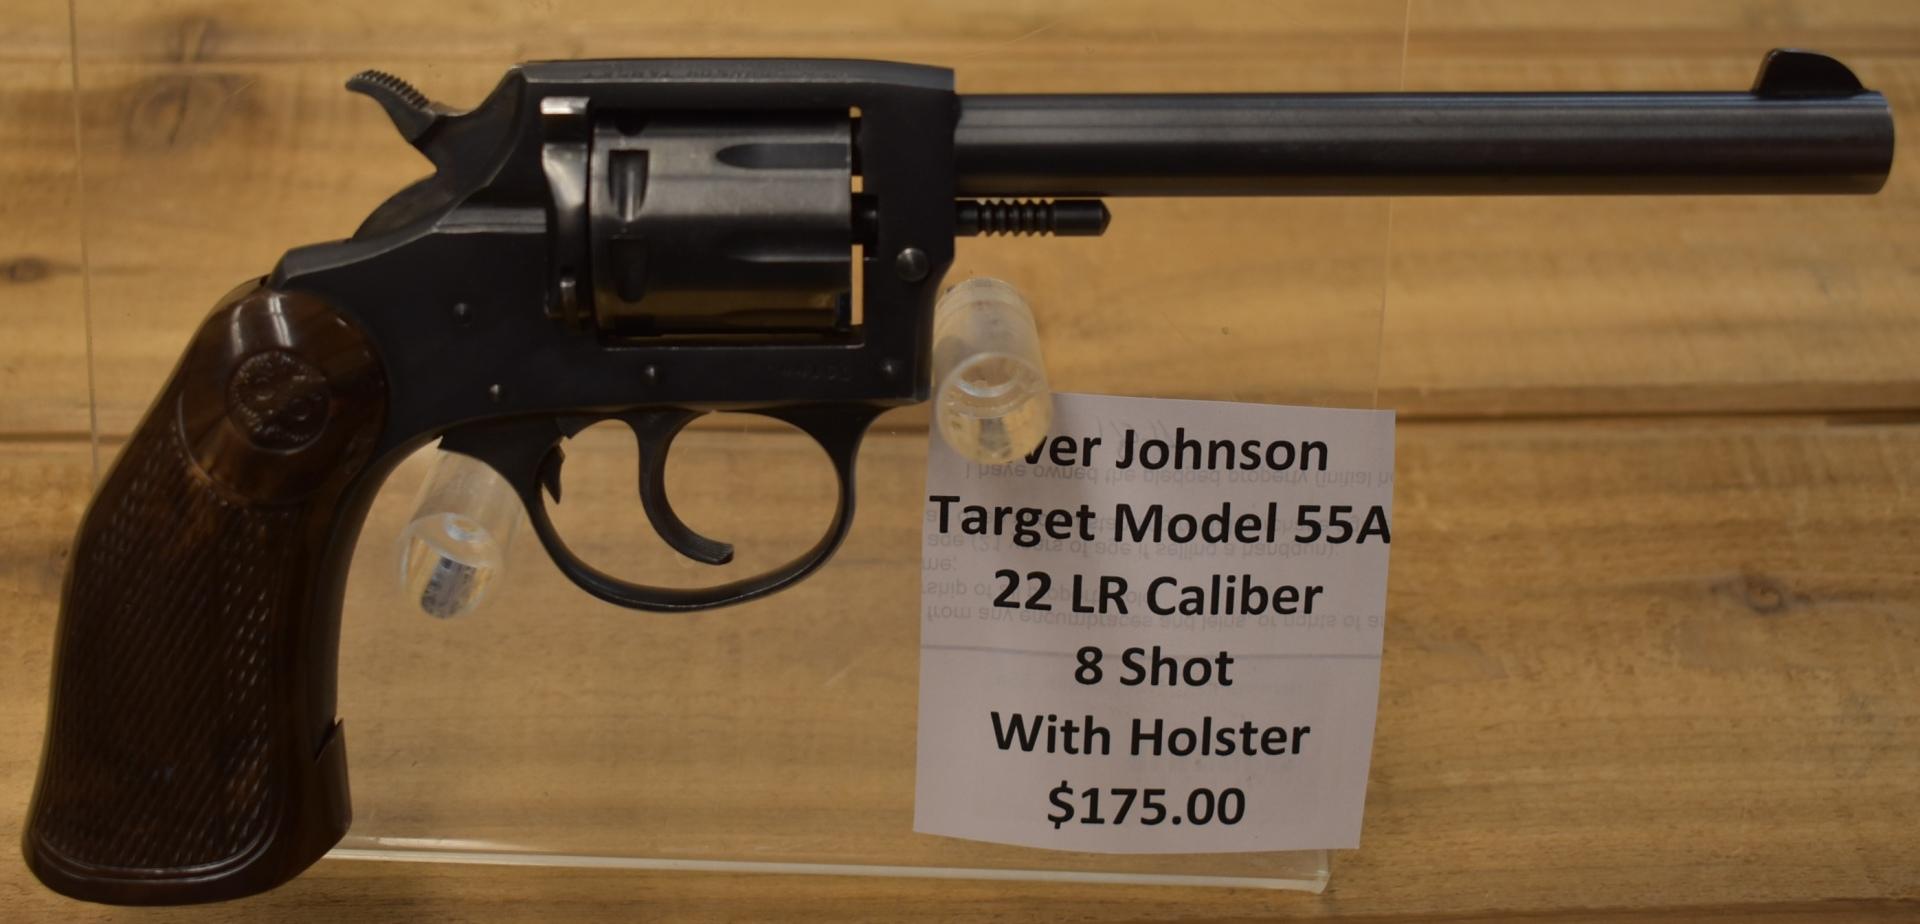 Iver Johnson Target Model 55A